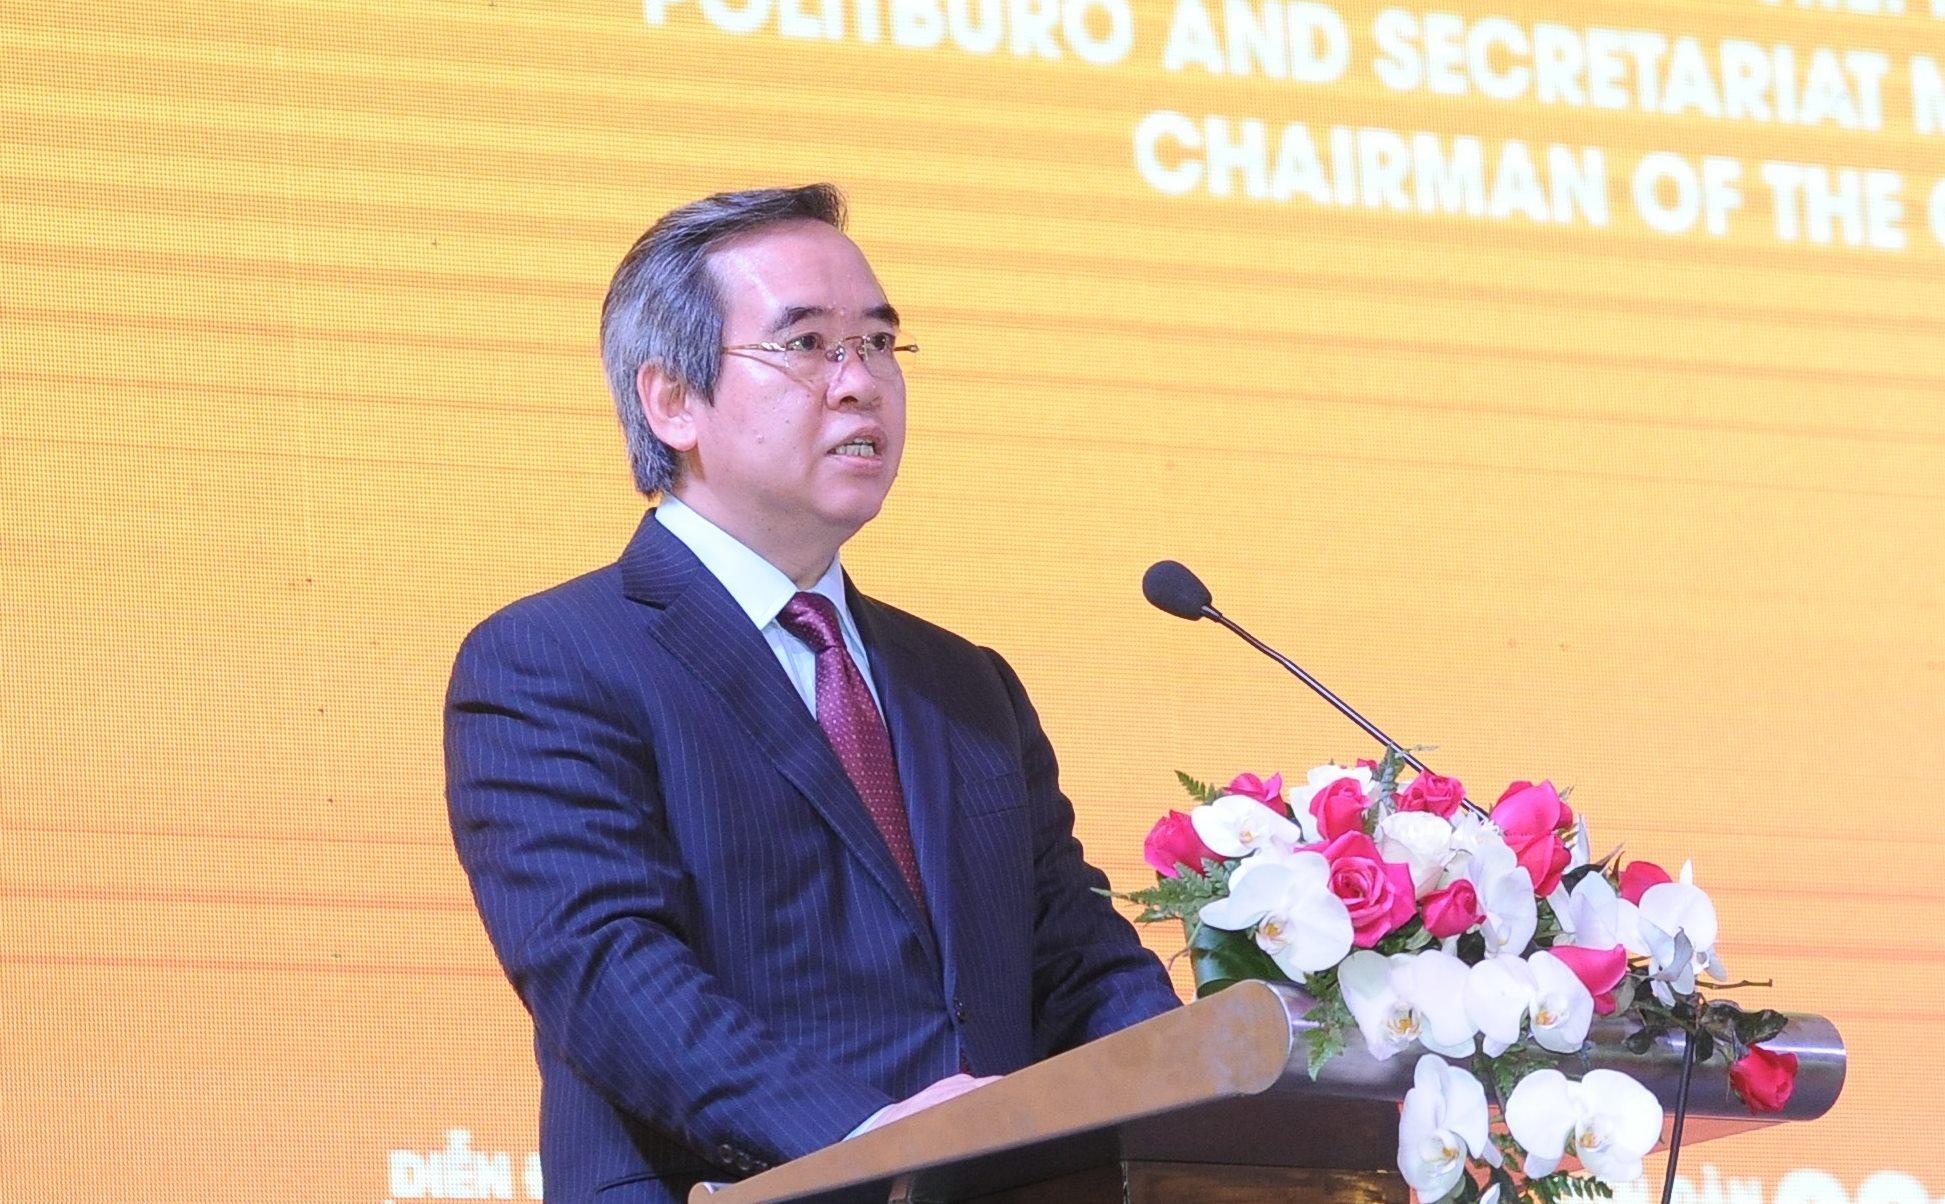 Ông Nguyễn Văn Bình: Trong thế giới phẳng, chỉ có thể cạnh tranh bằng thể chế